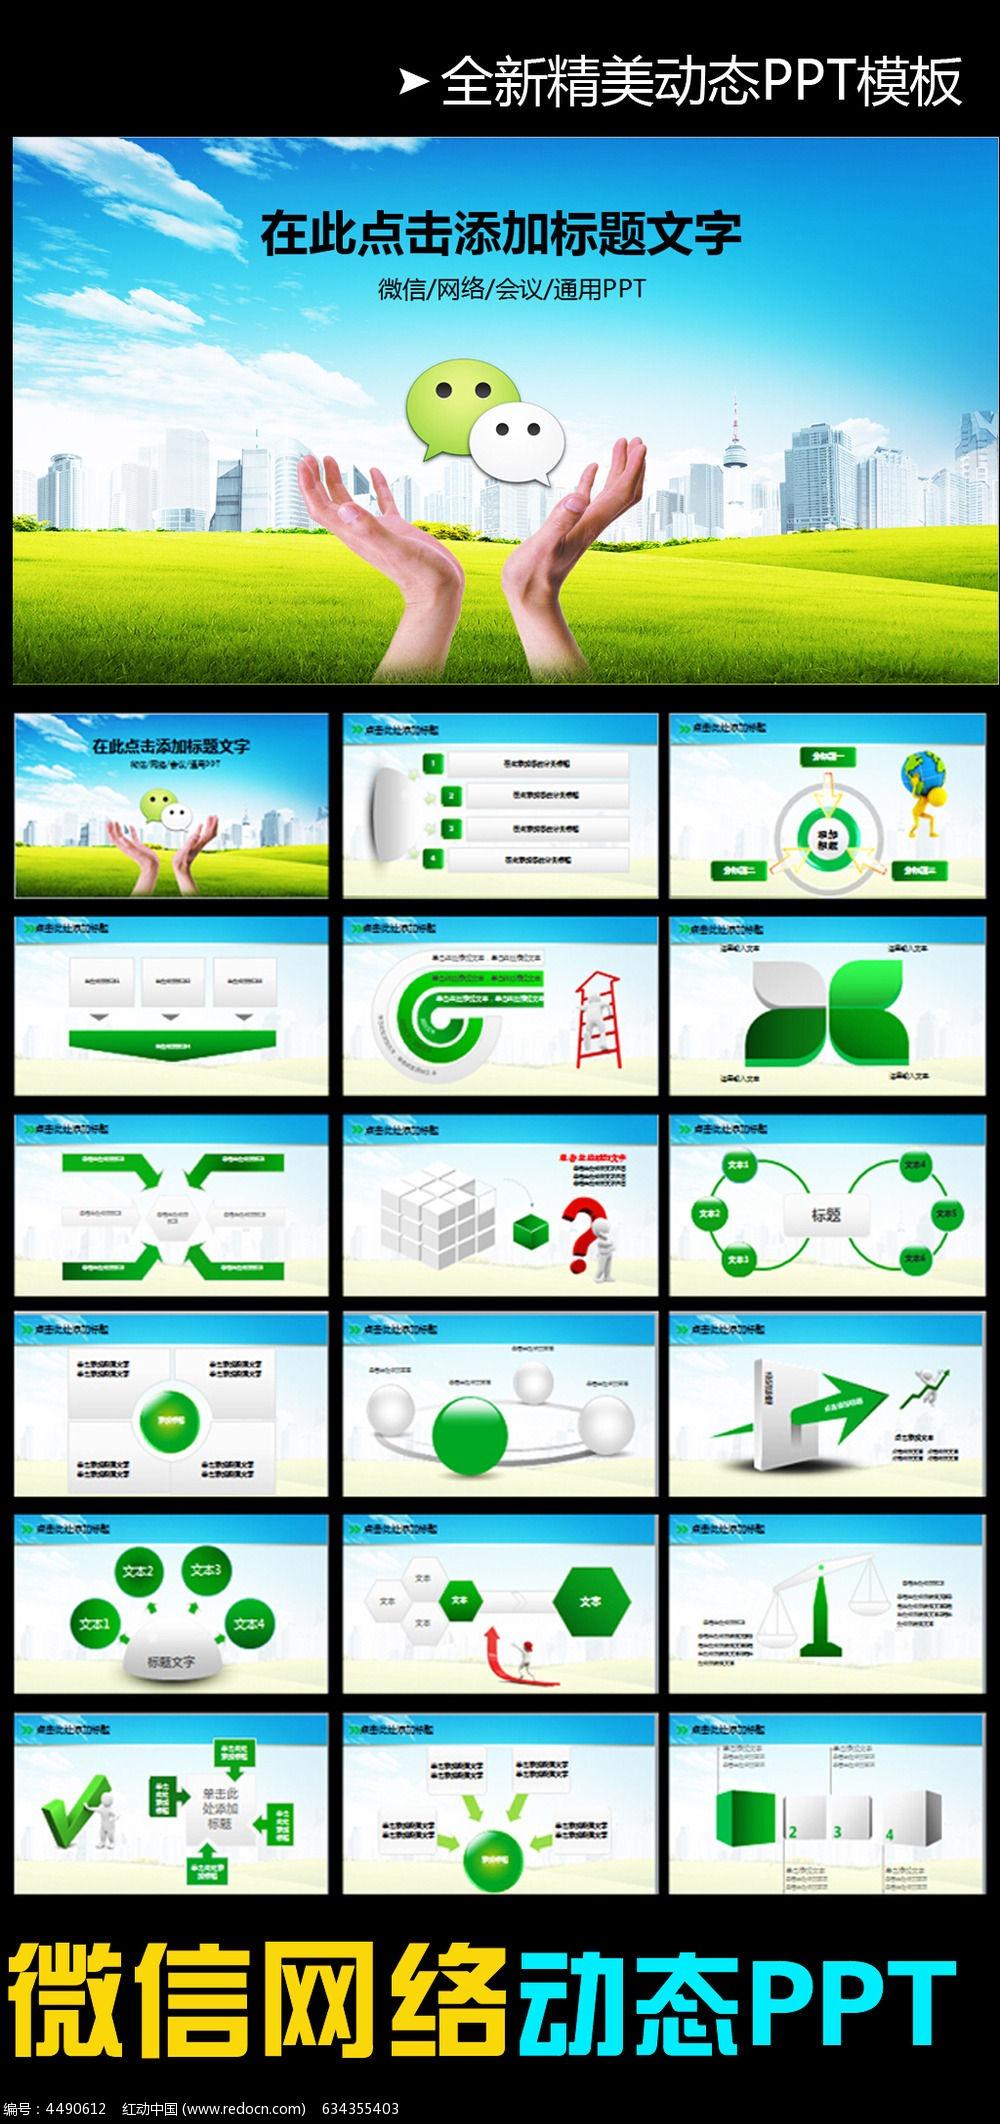 创意简约微商营销微信ppt动态模板